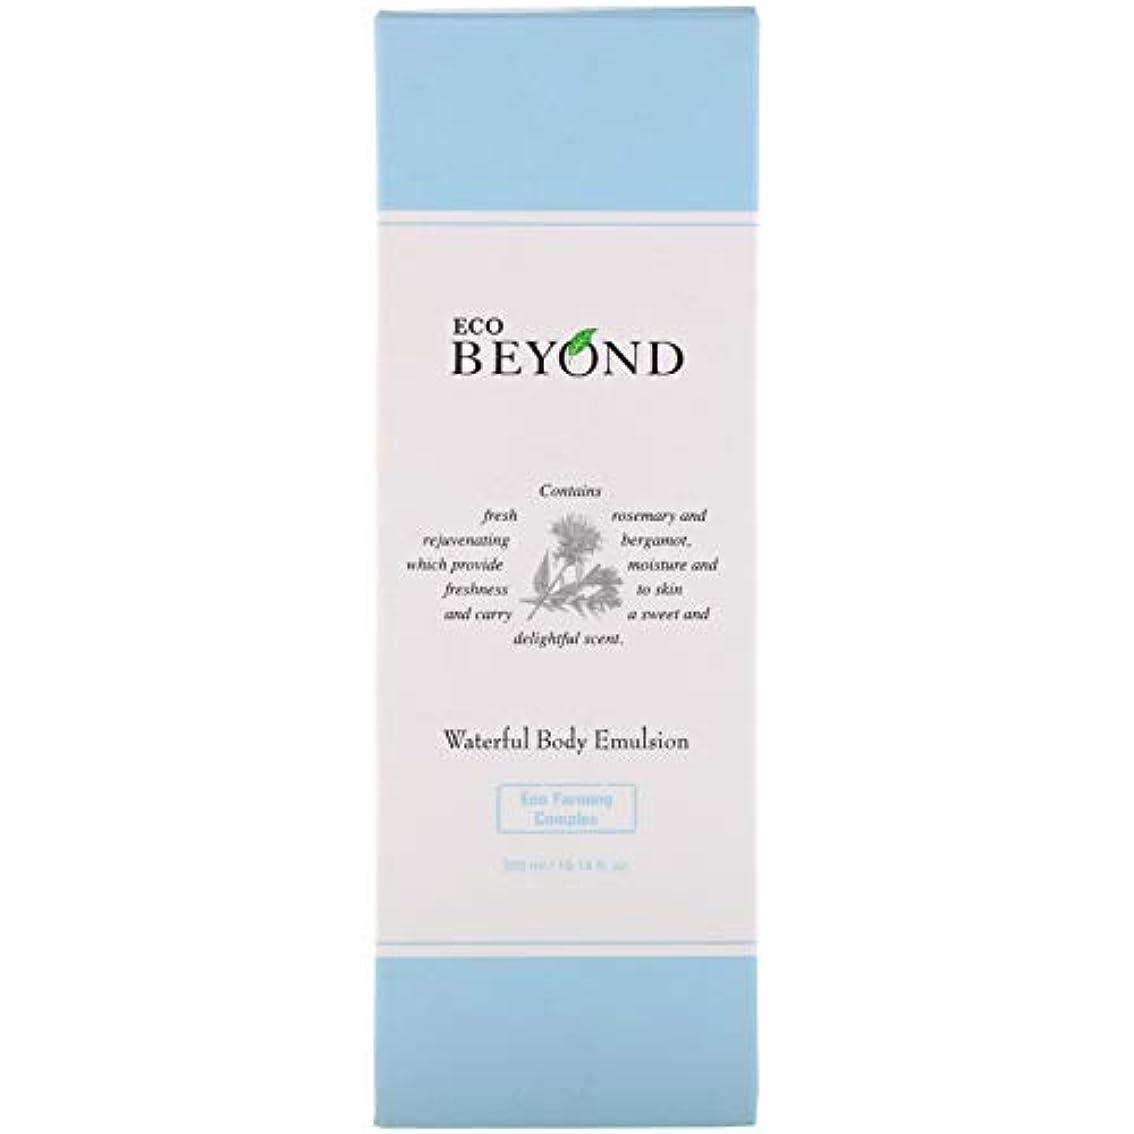 シェルタールースパーク[ビヨンド] BEYOND [ウォーターフル ボディ エマルジョン 300ml] Waterful Body Emulsion 300ml [海外直送品]